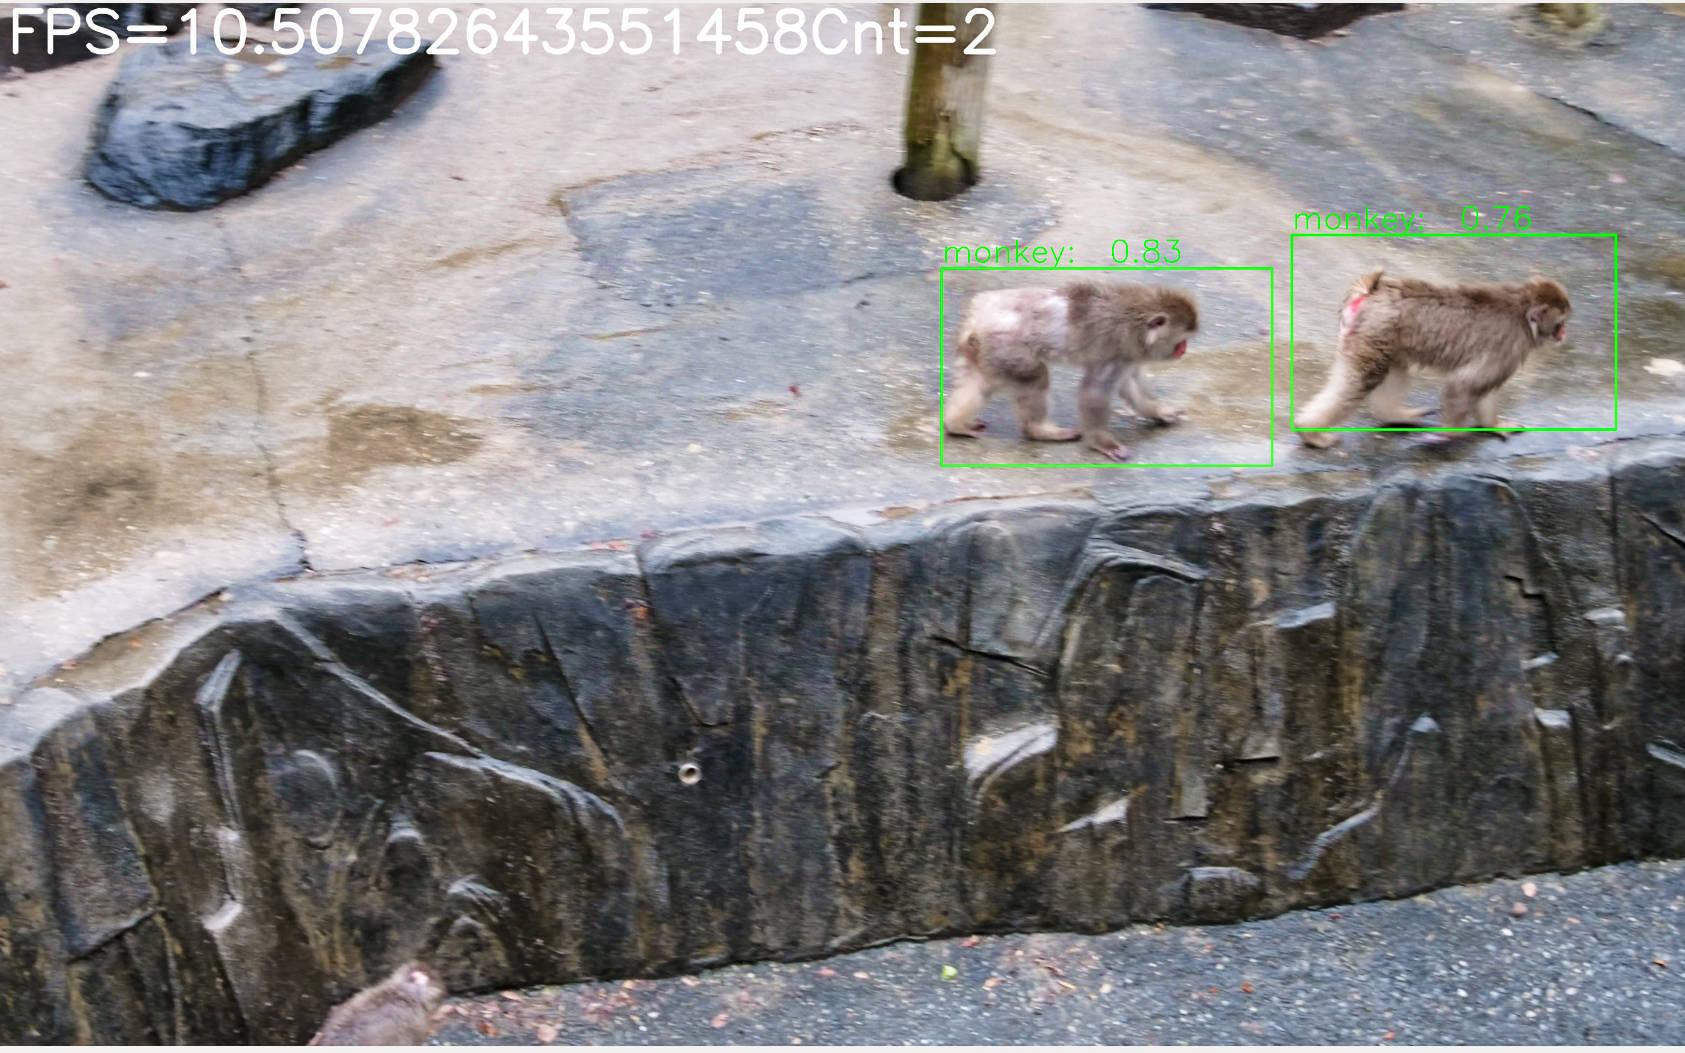 ニホンザルの画像認識率で80%を達成。 <br/>国際高専2年生がAIを用いた獣害対策システムの開発に取り組む